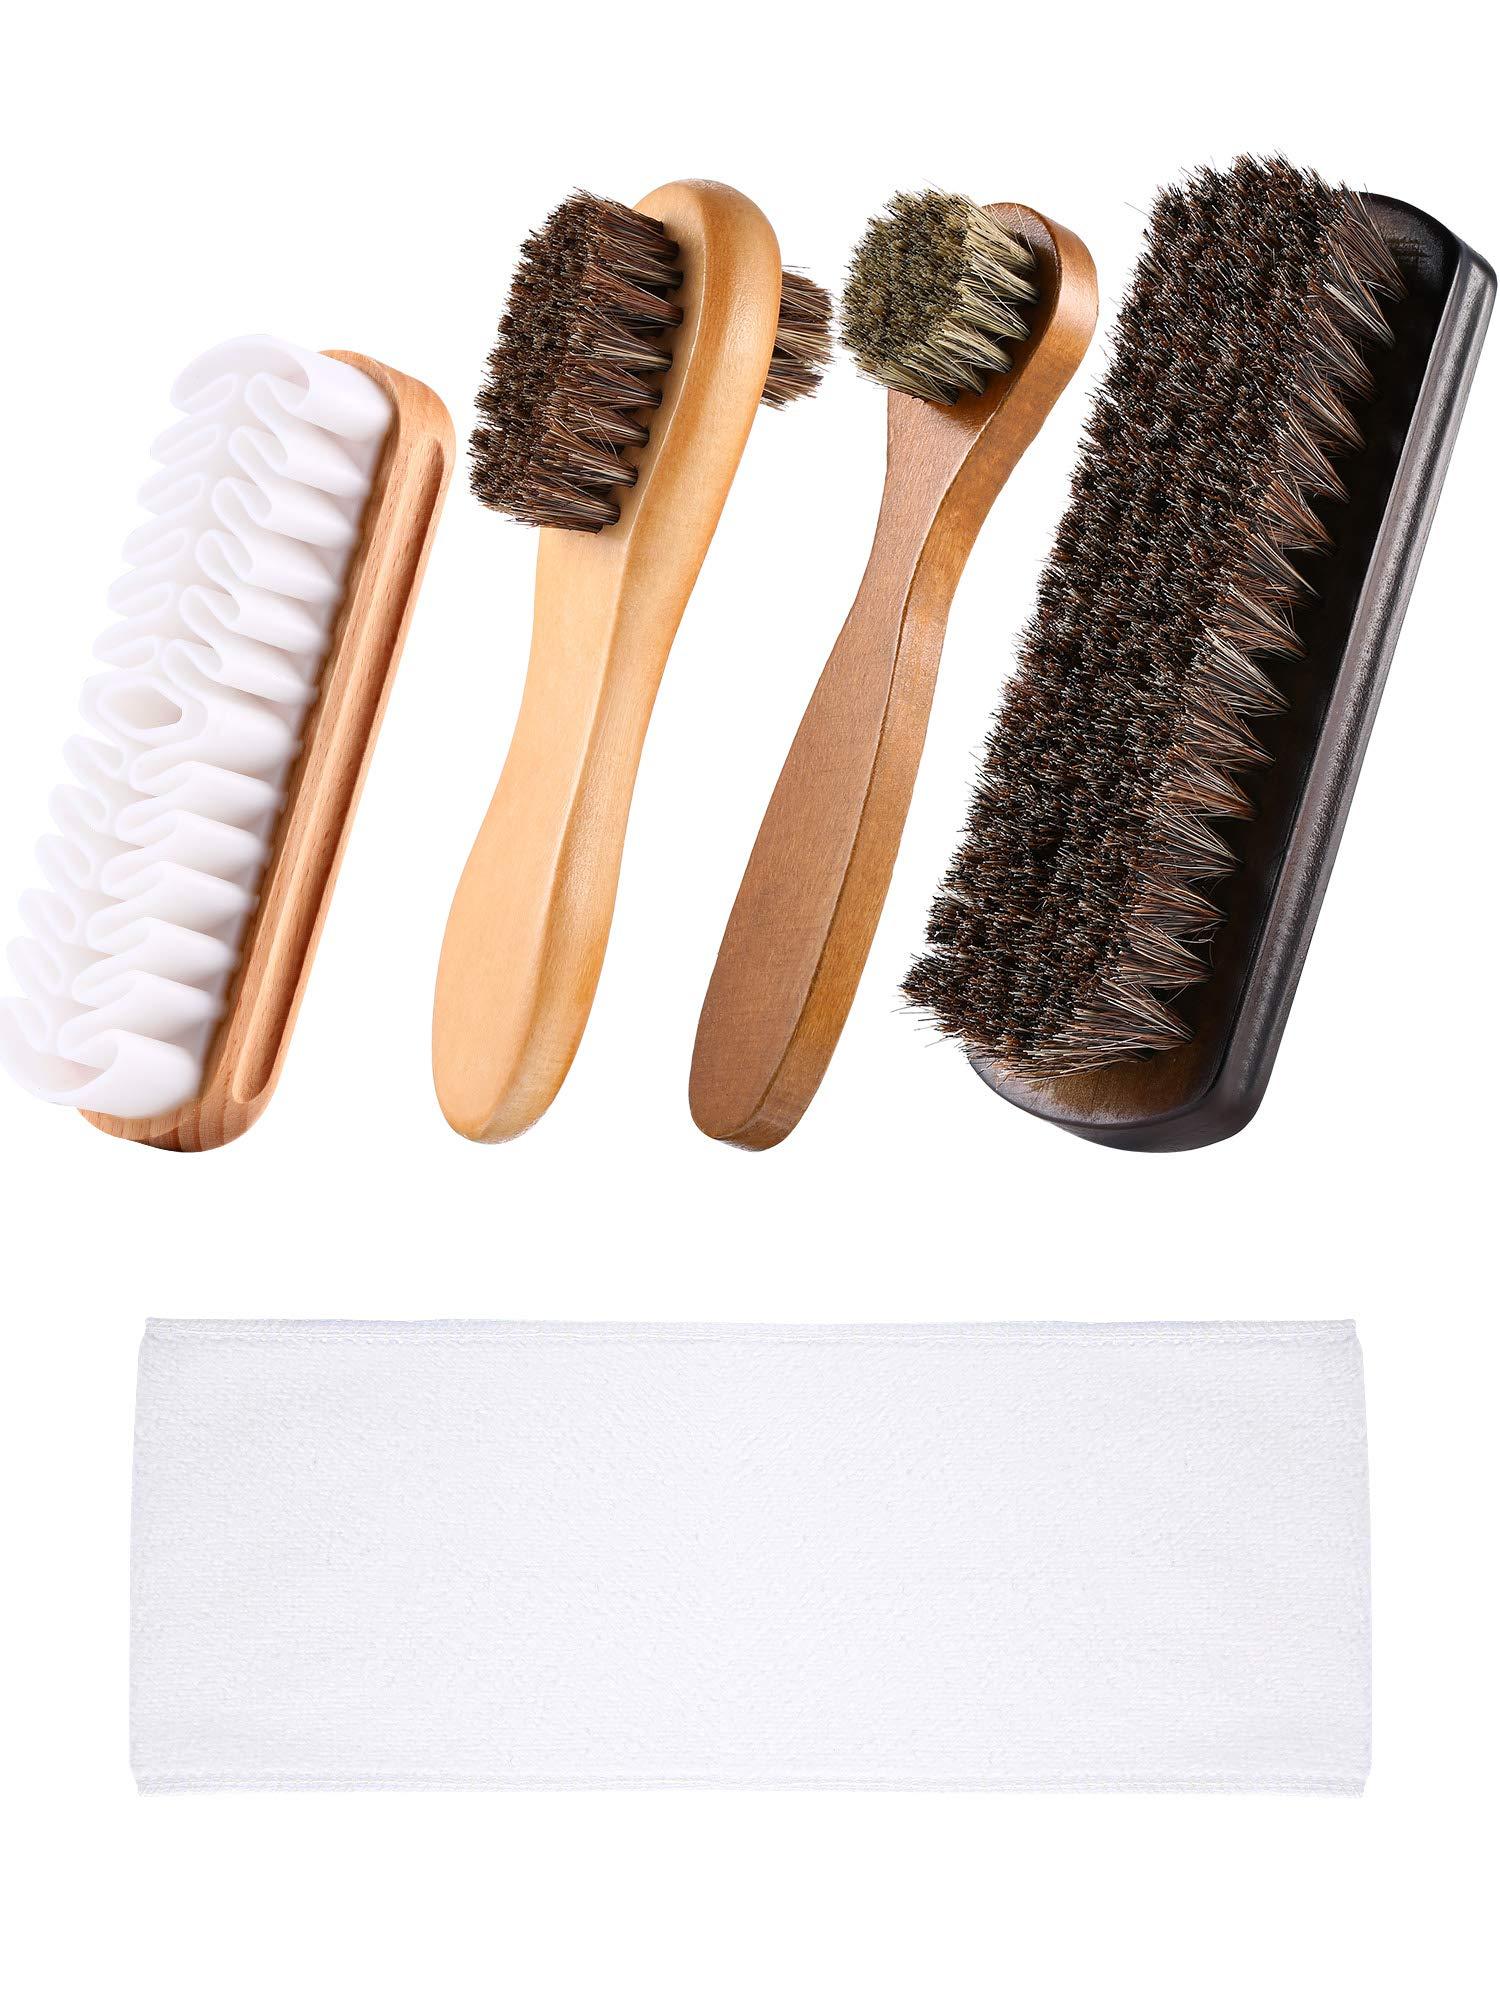 Kit de cepillo para zapatos de 5 piezas Aplicador de  (5JH9)